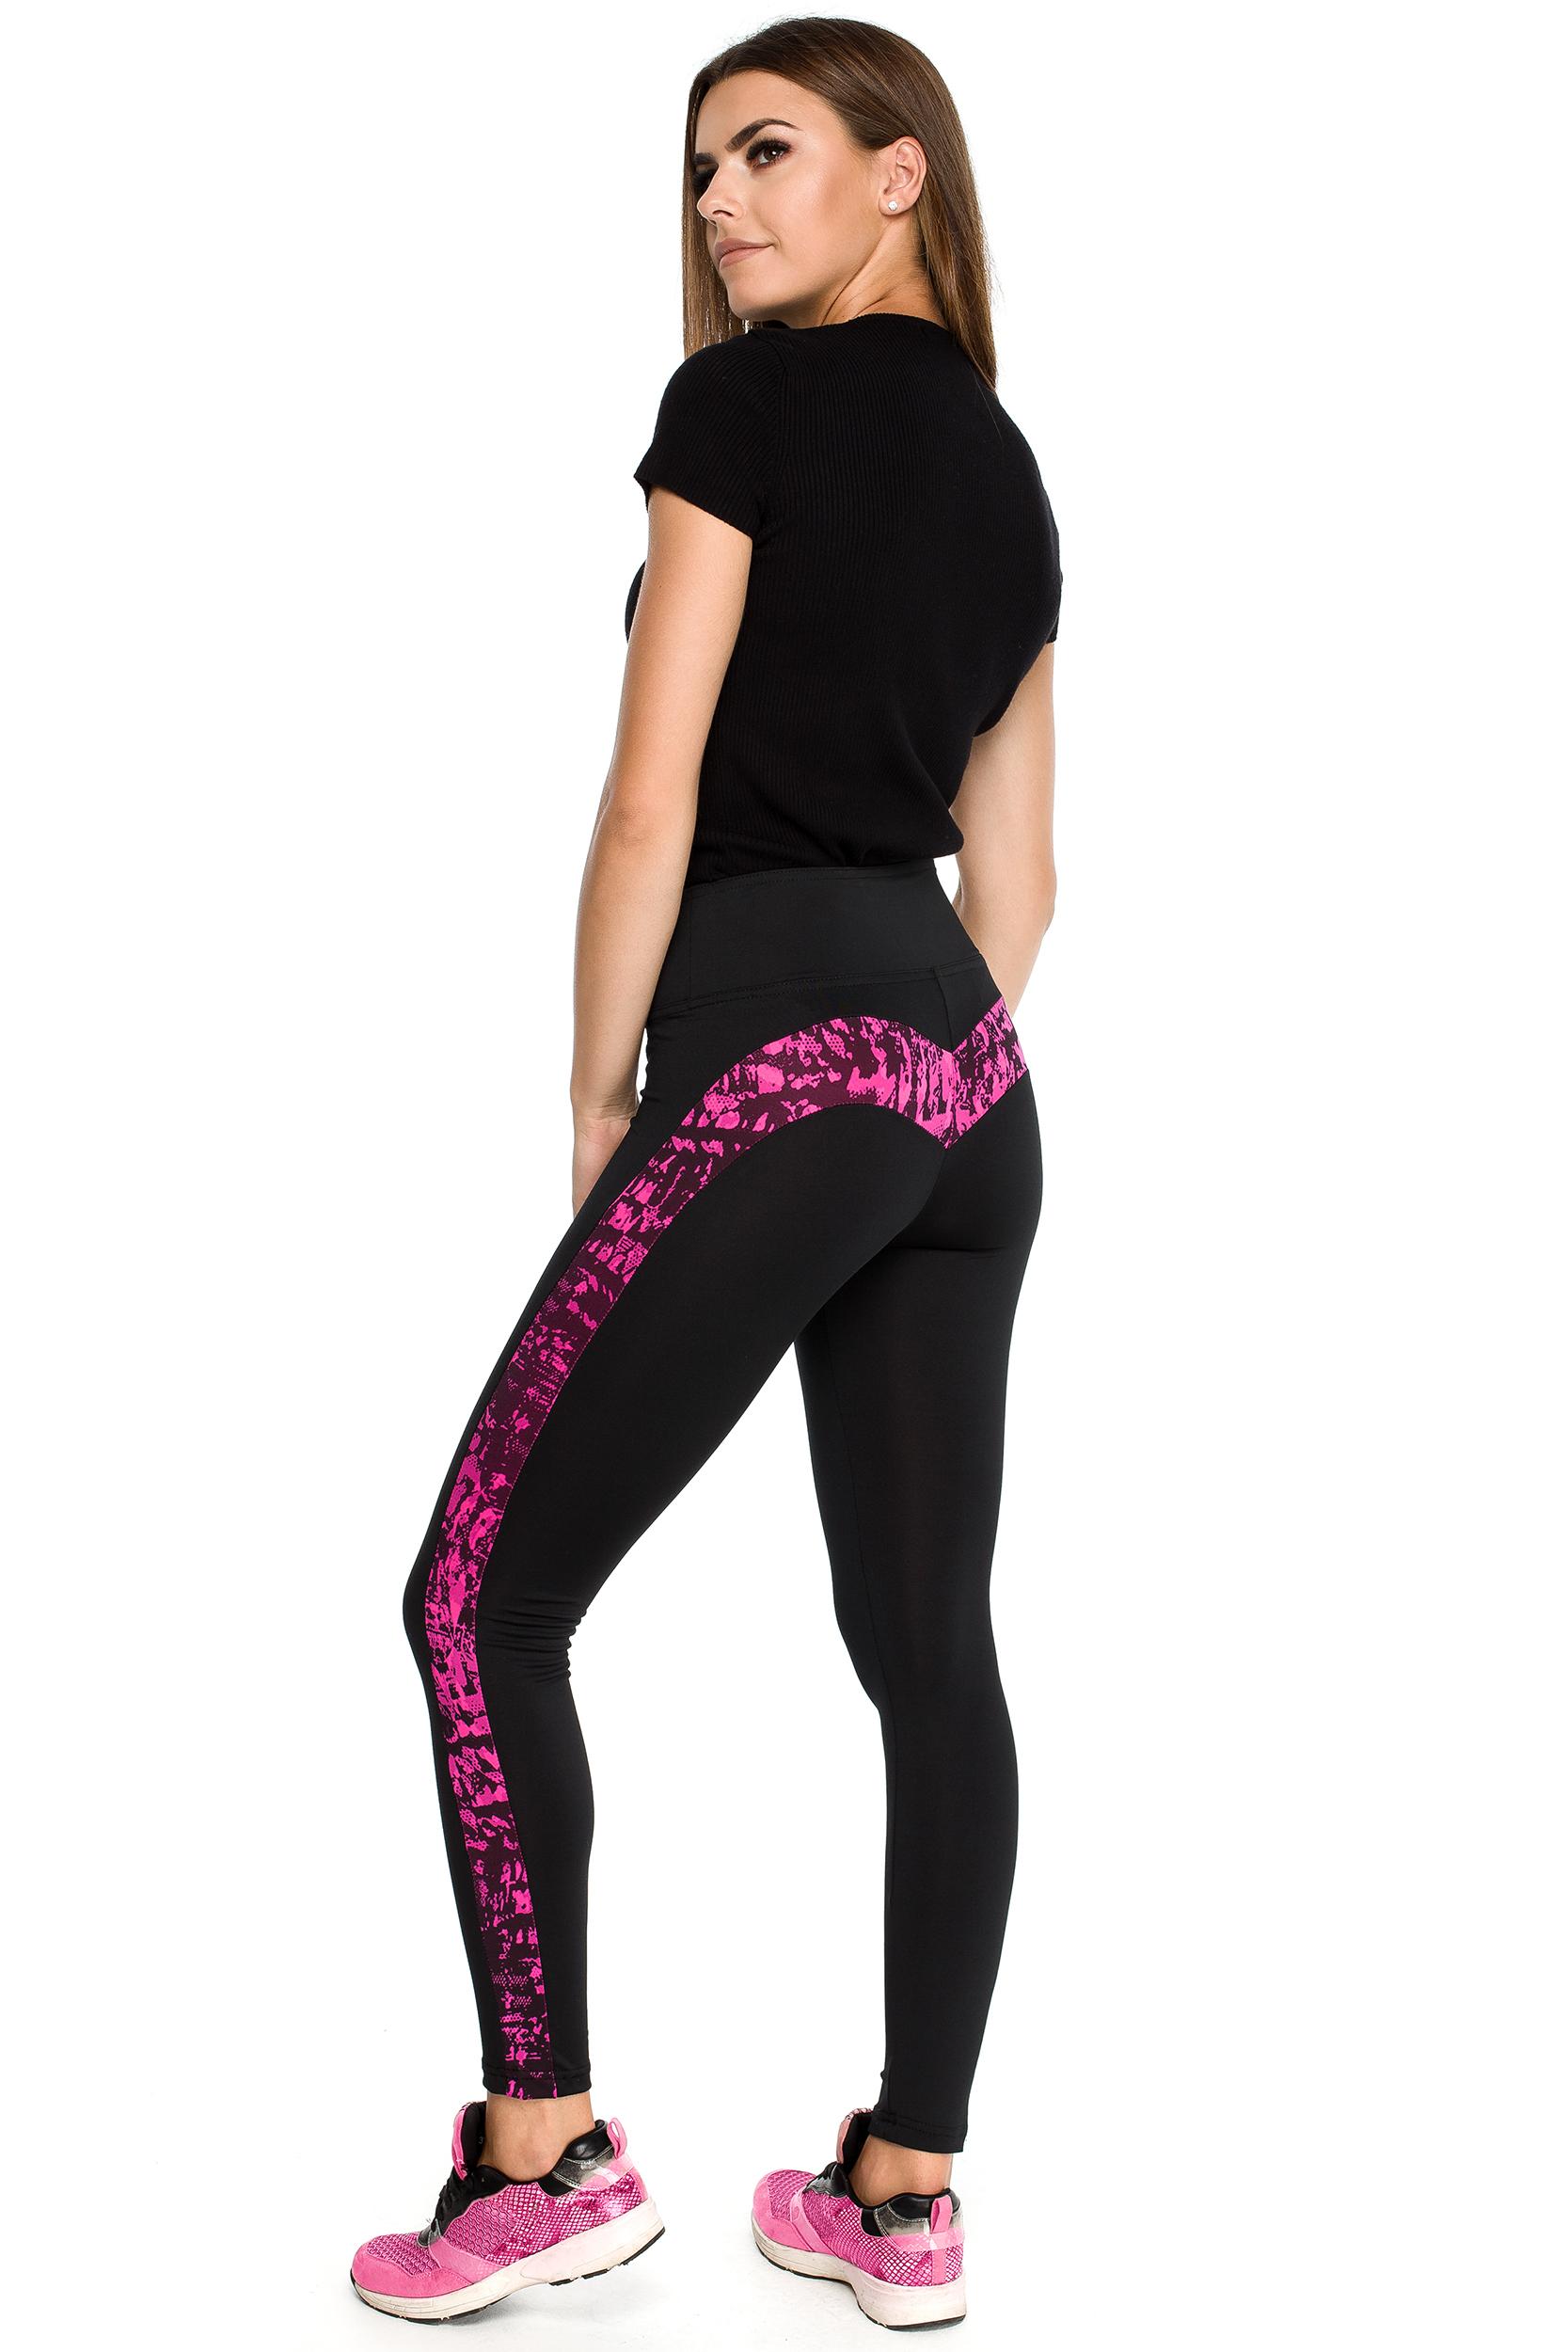 CM3902 Gładkie sportowe legginsy z wysokim stanem i wstawką